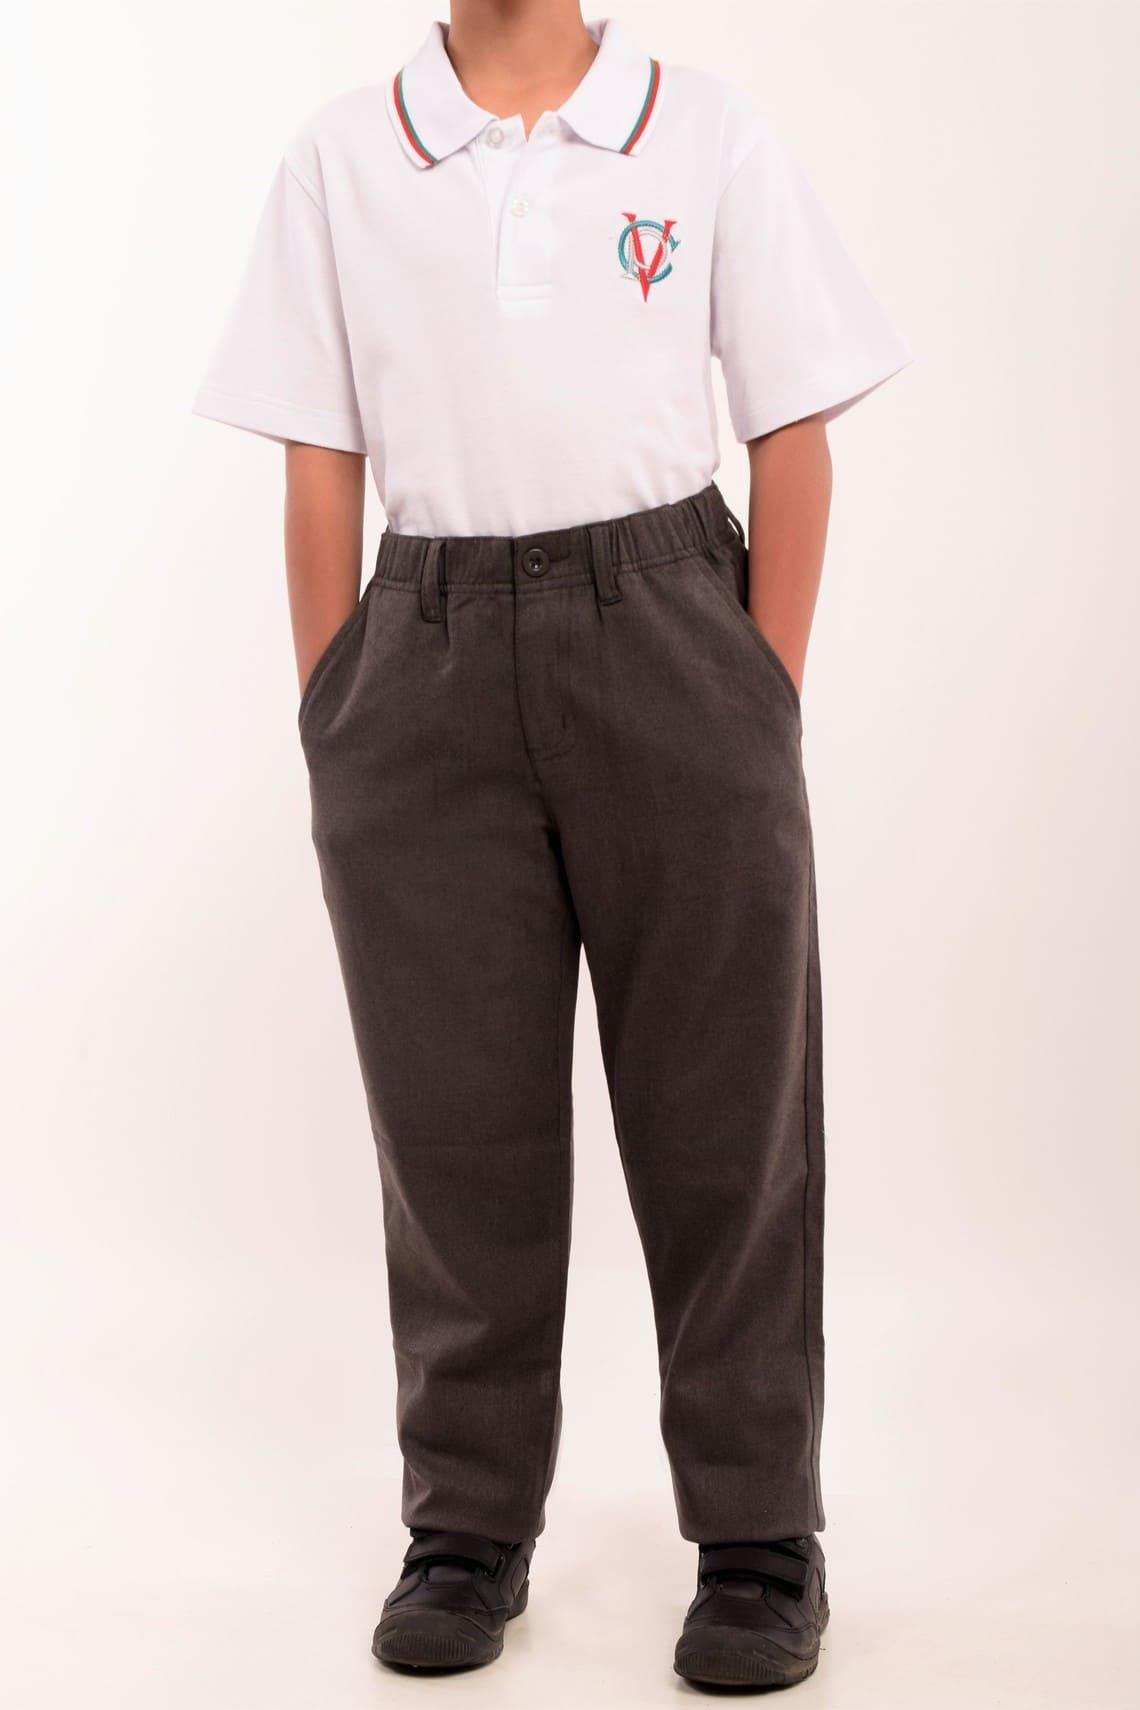 5600ad979 Pantalon Vestir Infantil Niño Topolino CPV ...